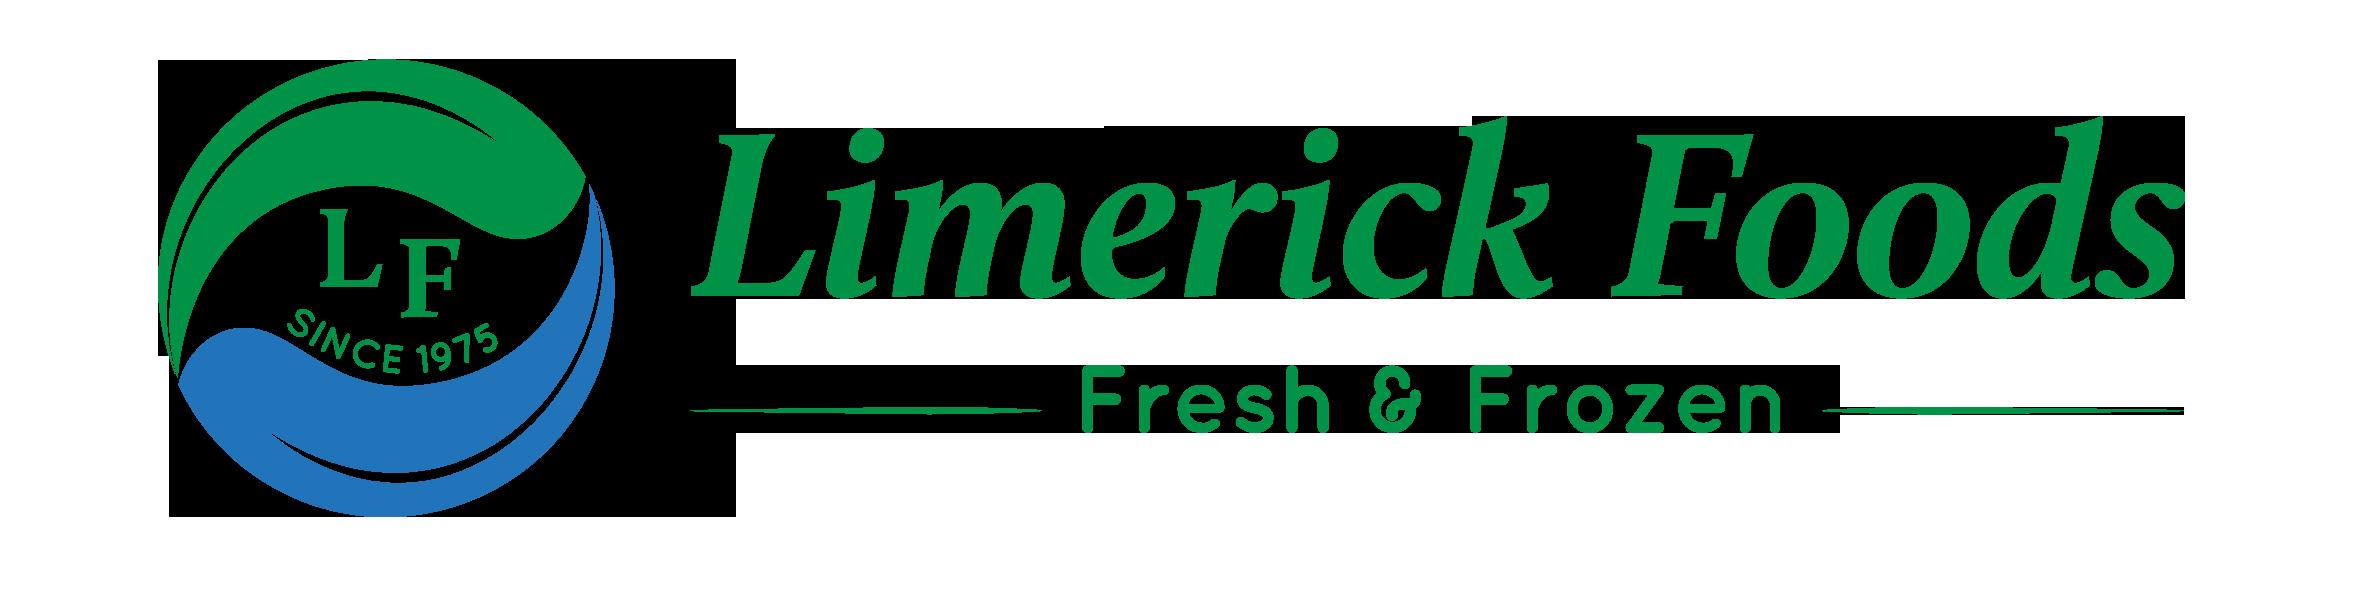 Limerick Frozen Foods